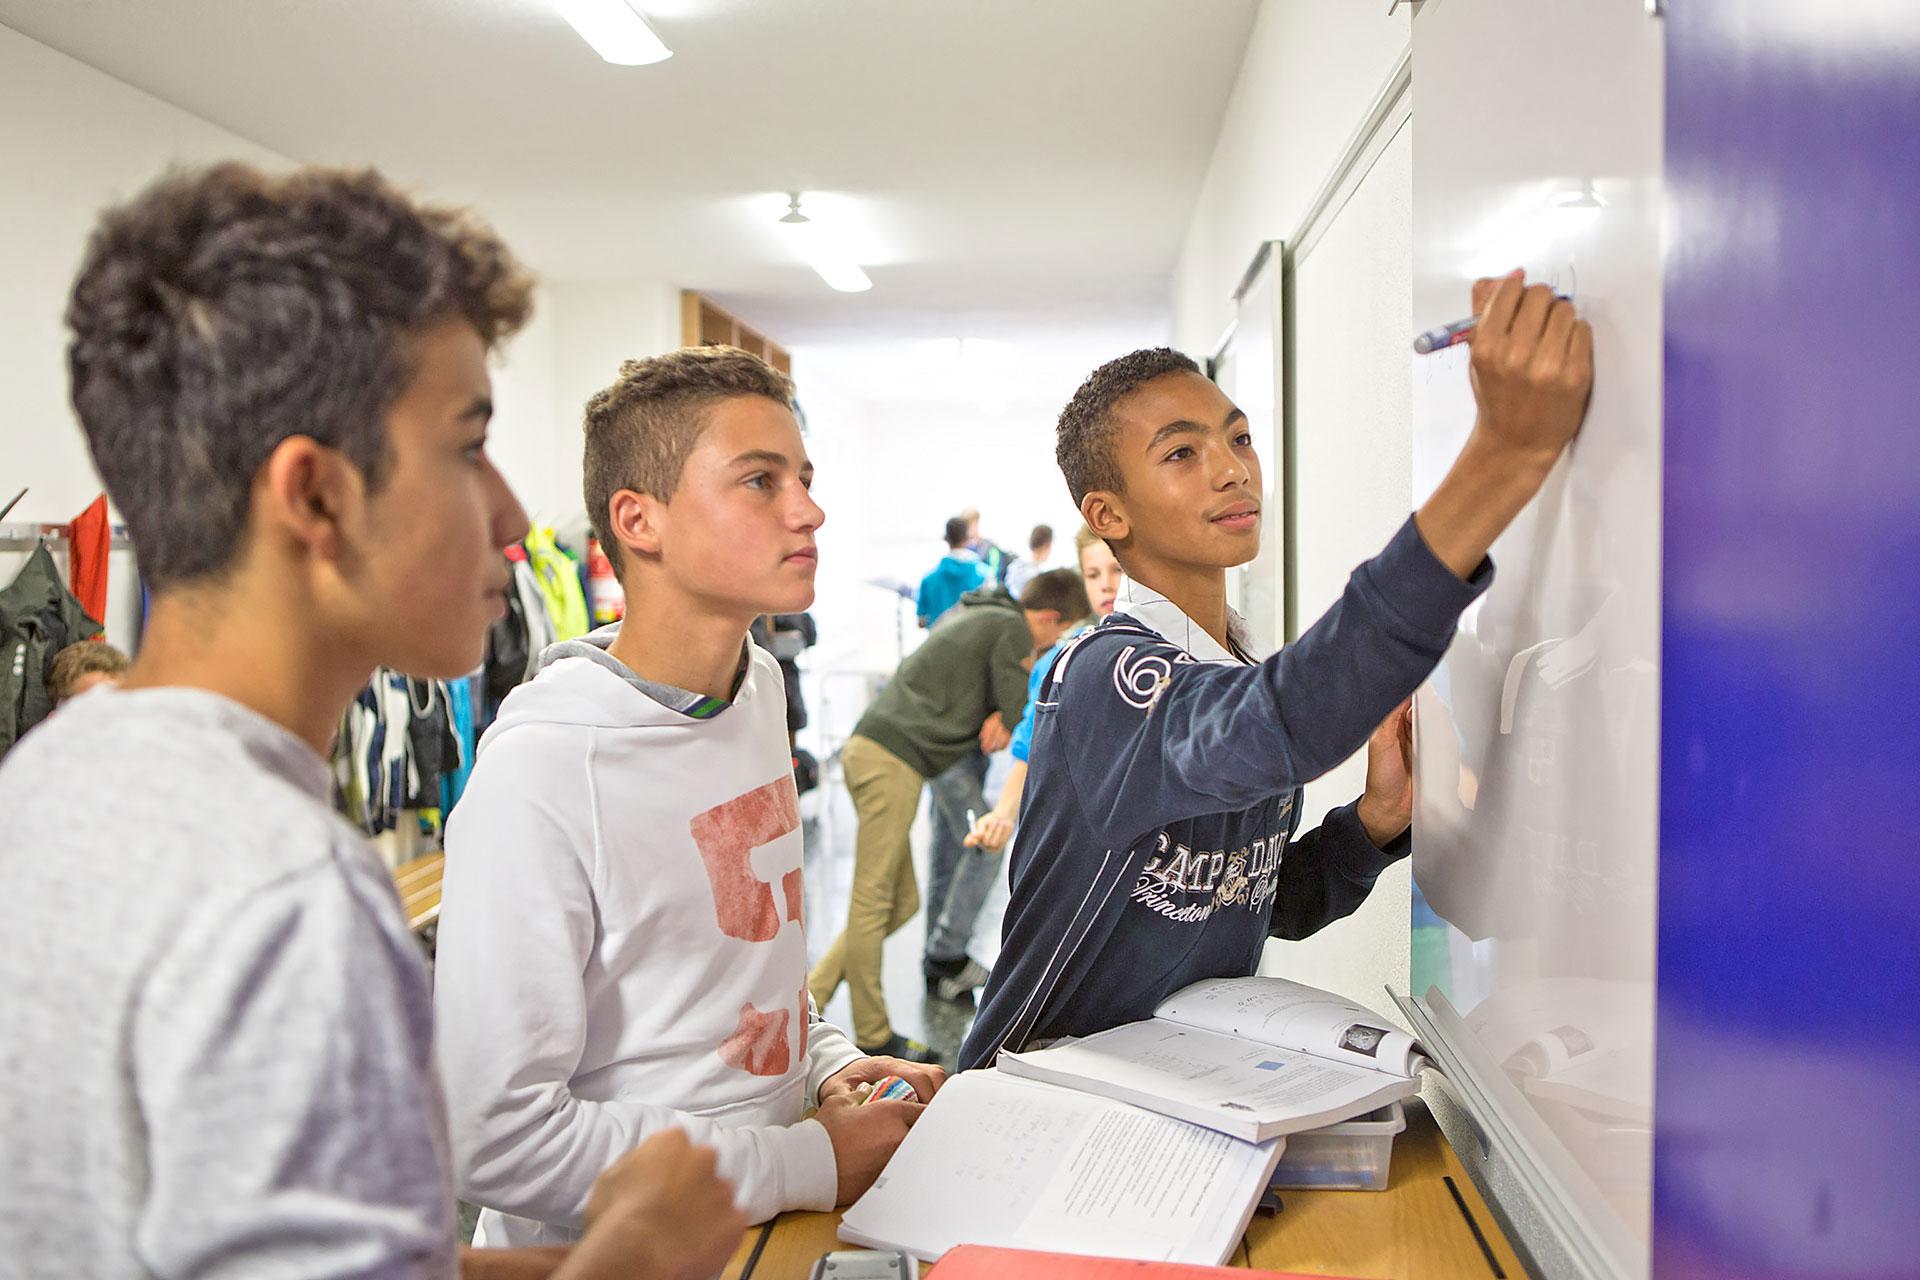 drei Schüler lösen Aufgaben an einem Whiteboard